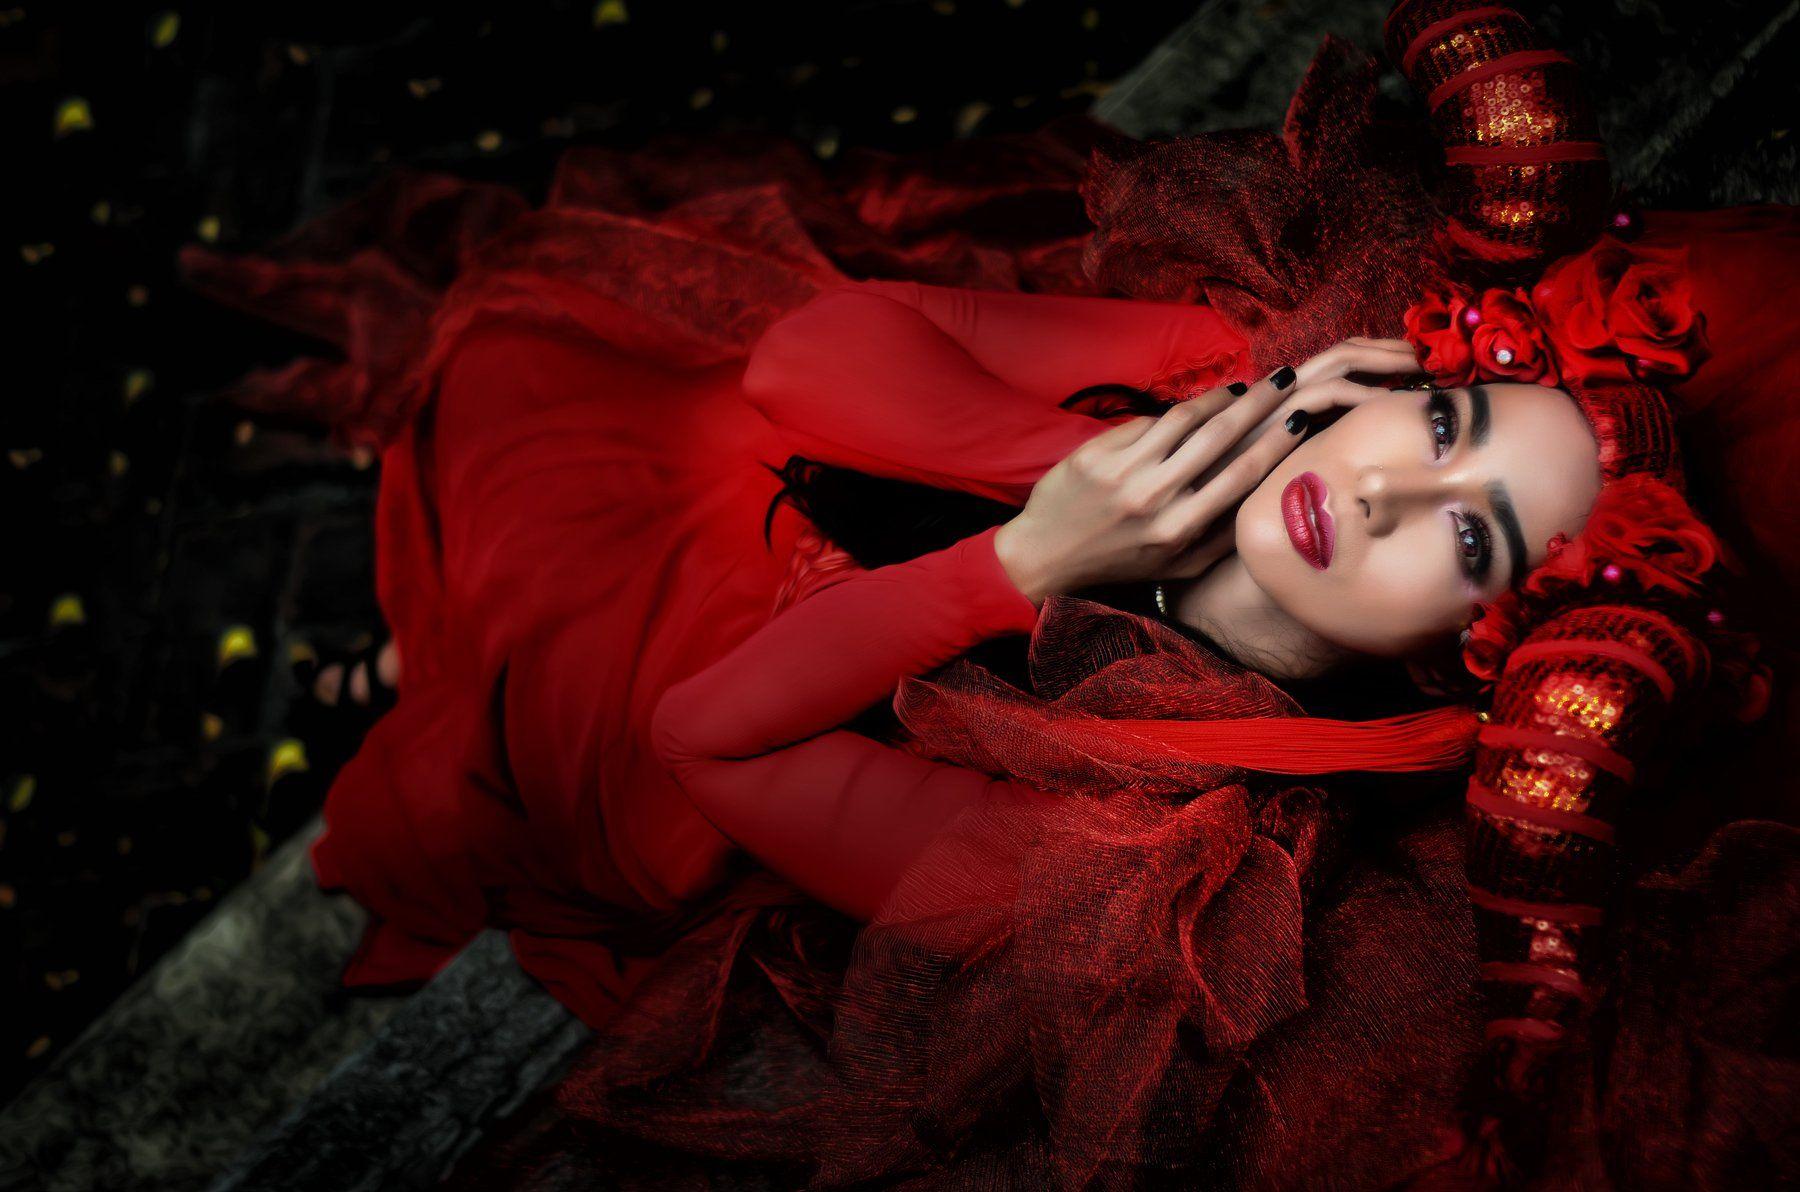 #woman #red #fashion #beauty , Analiza Daran De Guzman